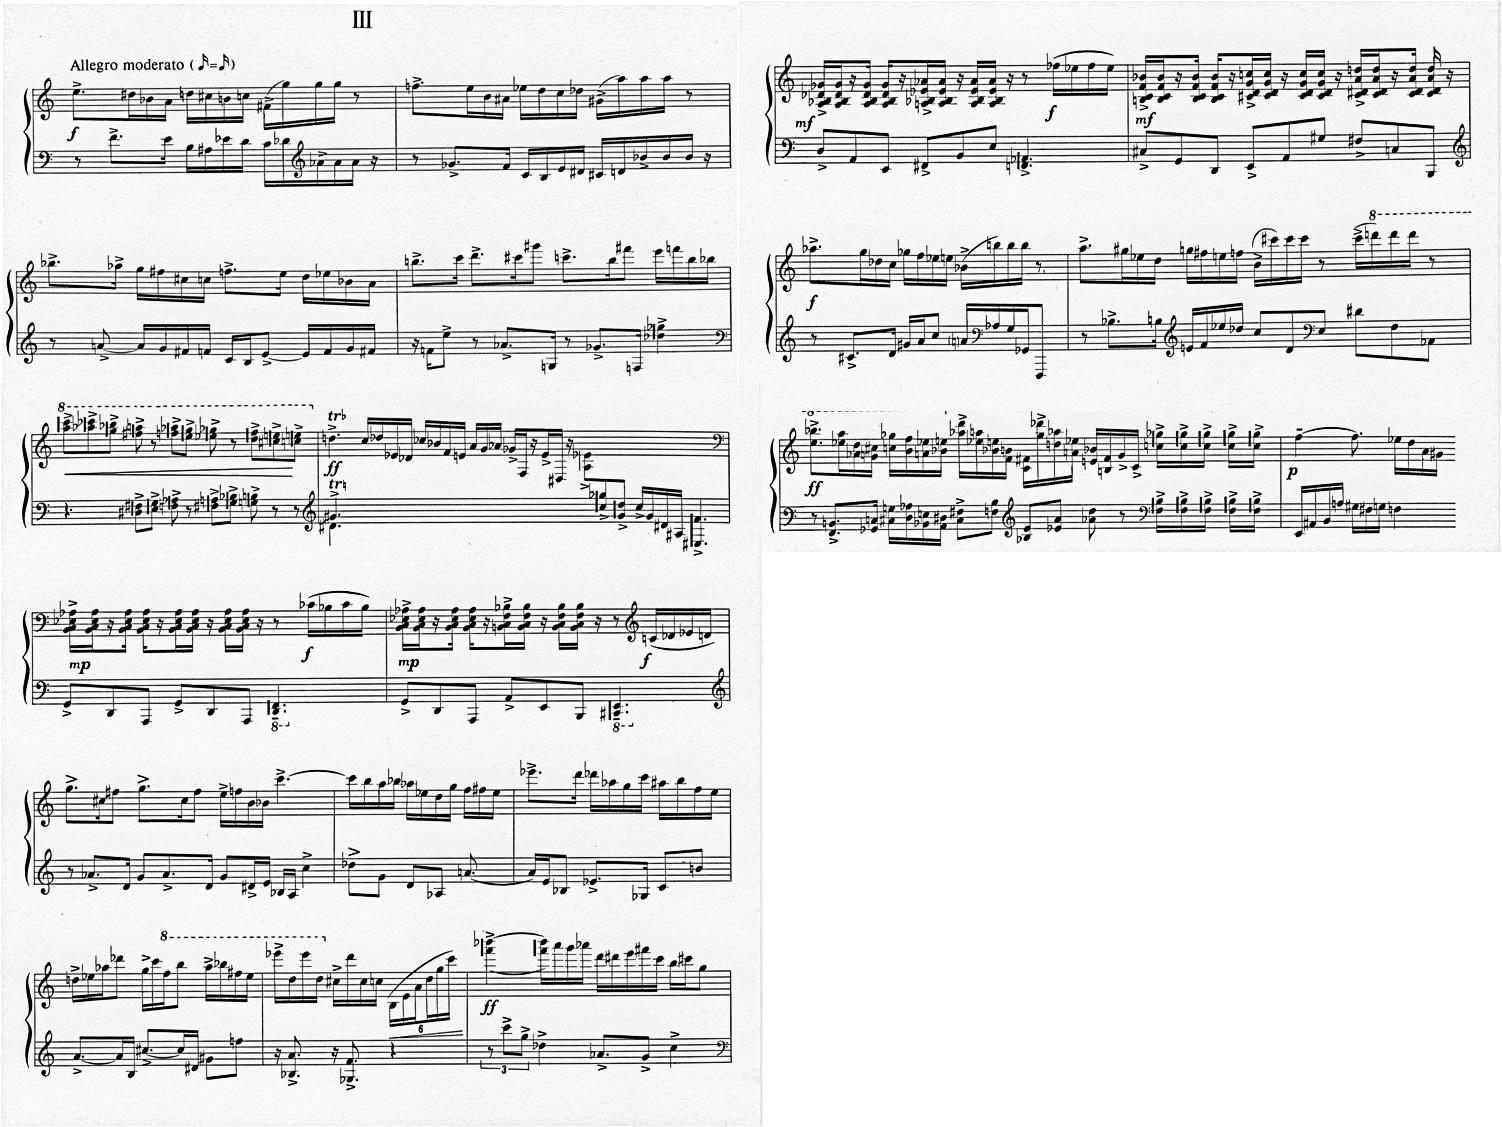 Figure 5: Alfred Schnittke's Piano Sonata No. 2, 3rd movement; 'Allegro moderato', bars 1-19